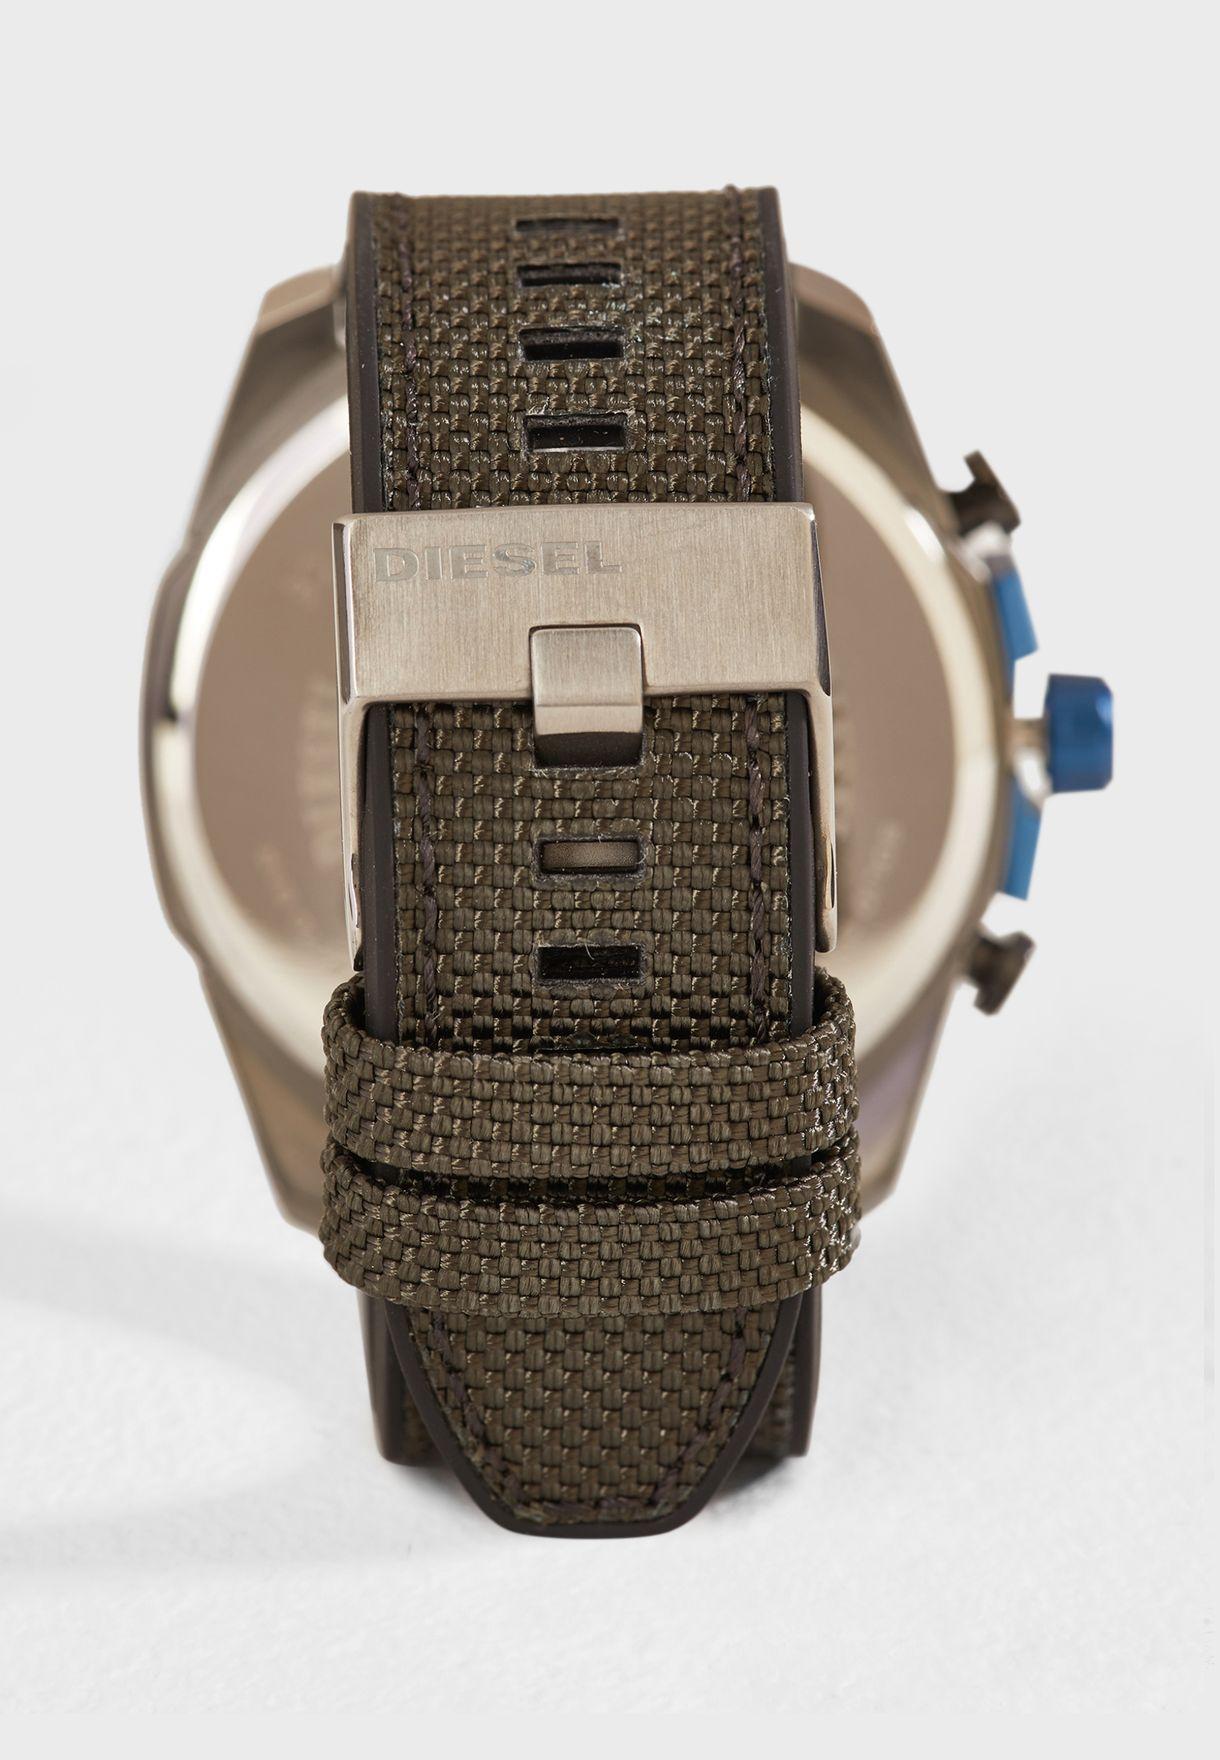 ساعة ميجا شيف DZ4500